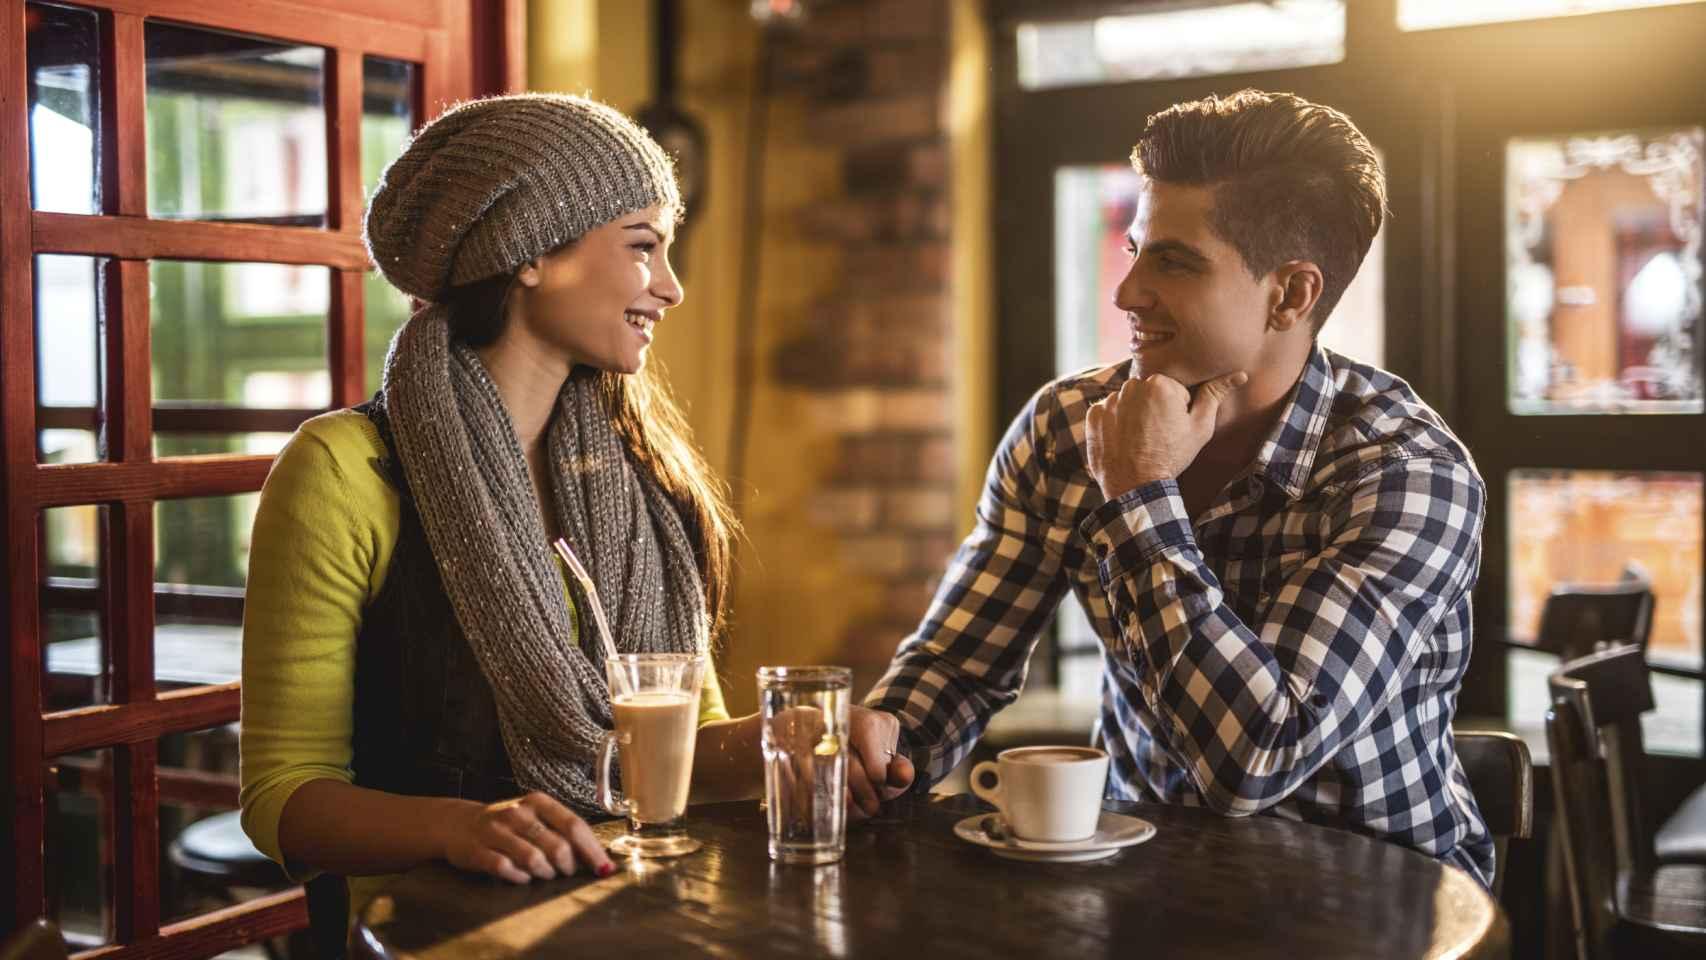 El amor y la atracción es un patrón del que se puede aprender. iStock